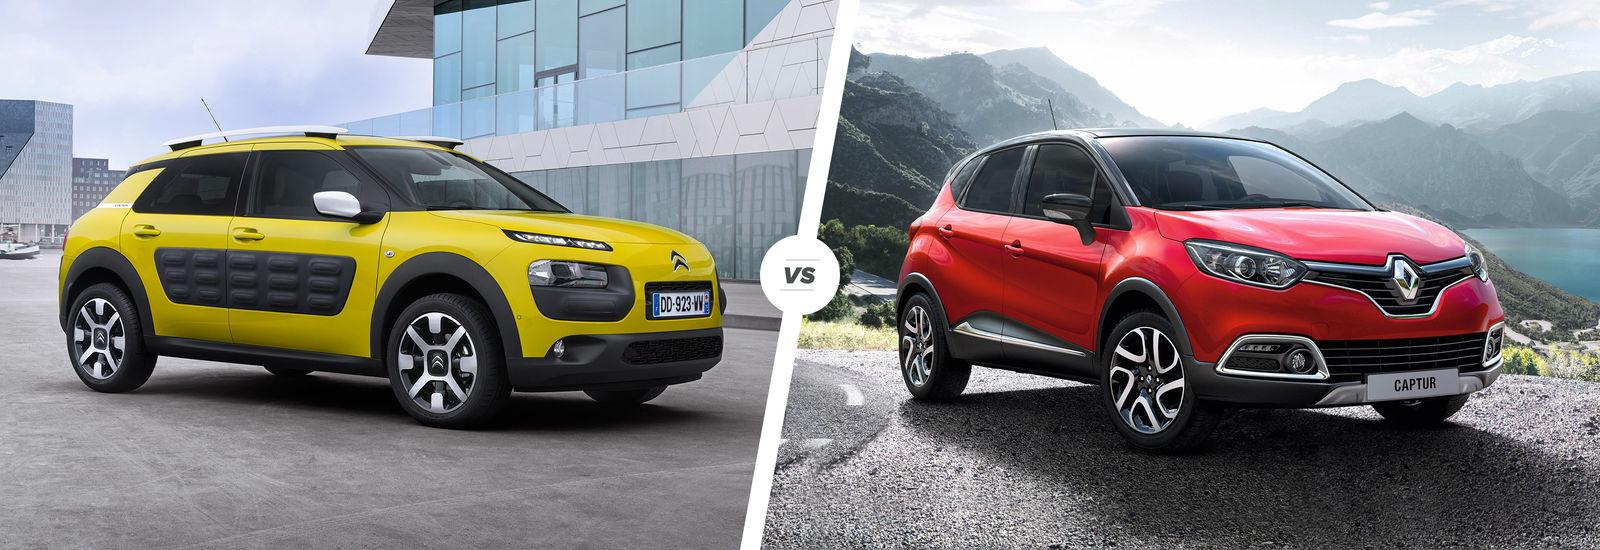 Citroen Cactus vs Renault Captur: crossover clash | carwow